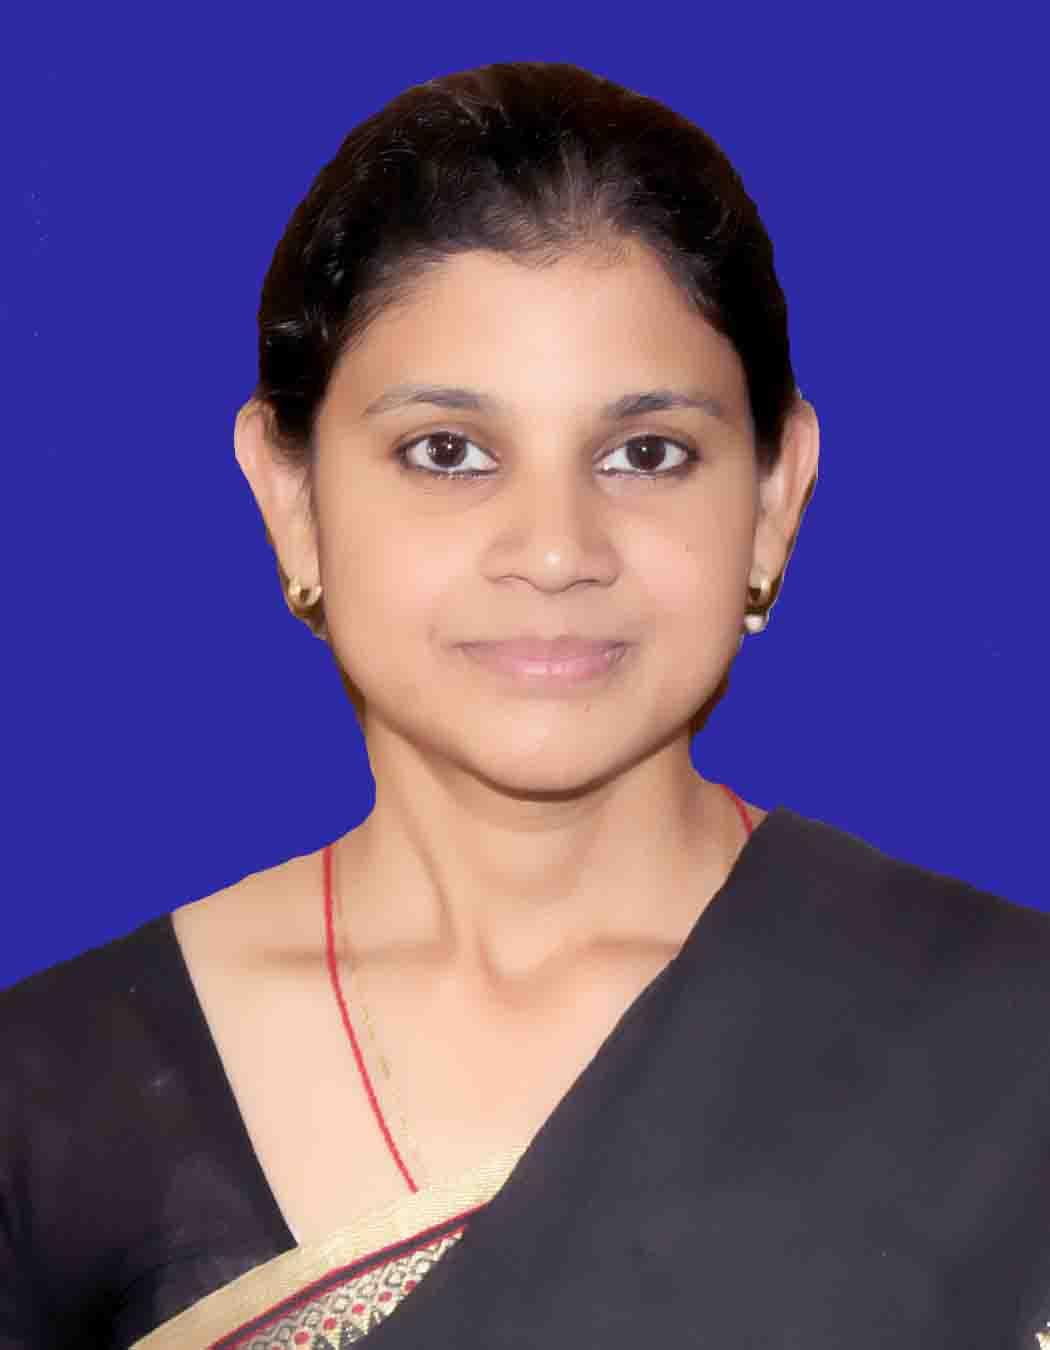 Ms. Reema Masih